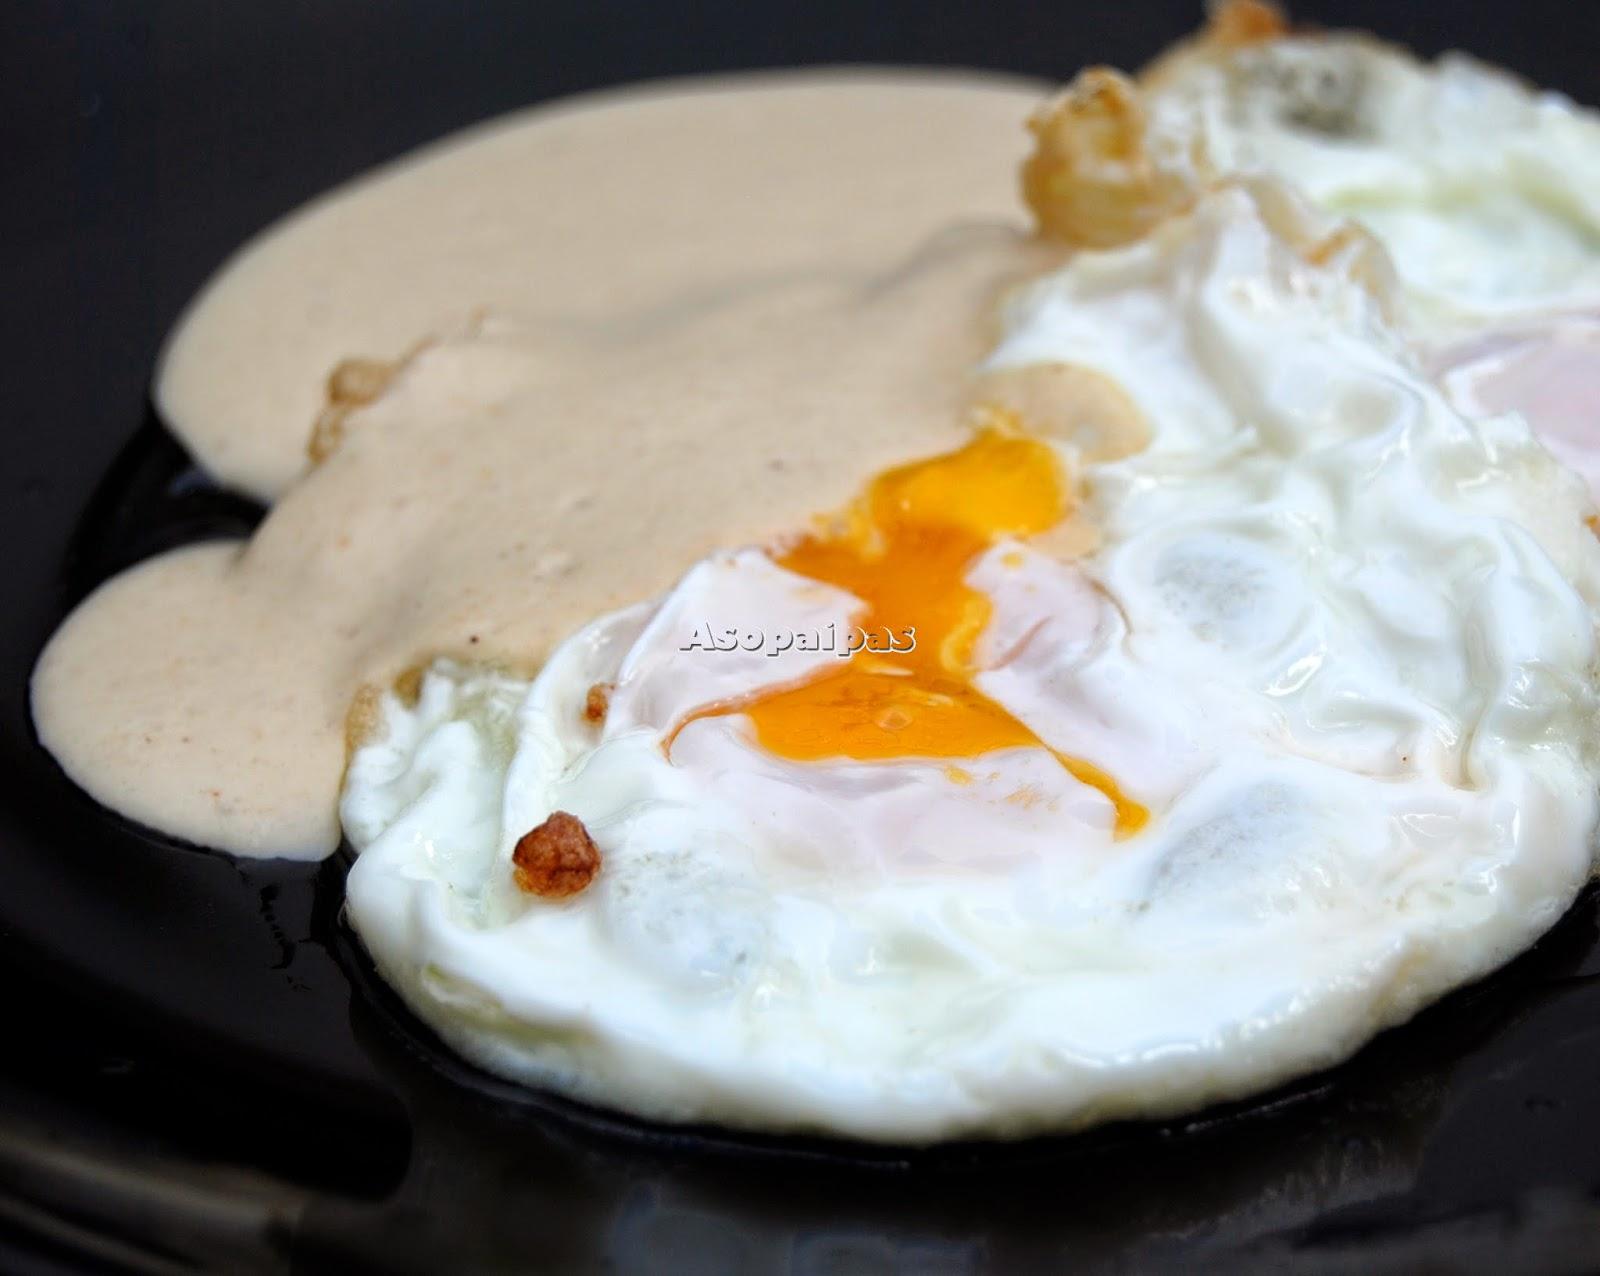 Huevos con salsa de almendras, ajos y pan frito Moriscos